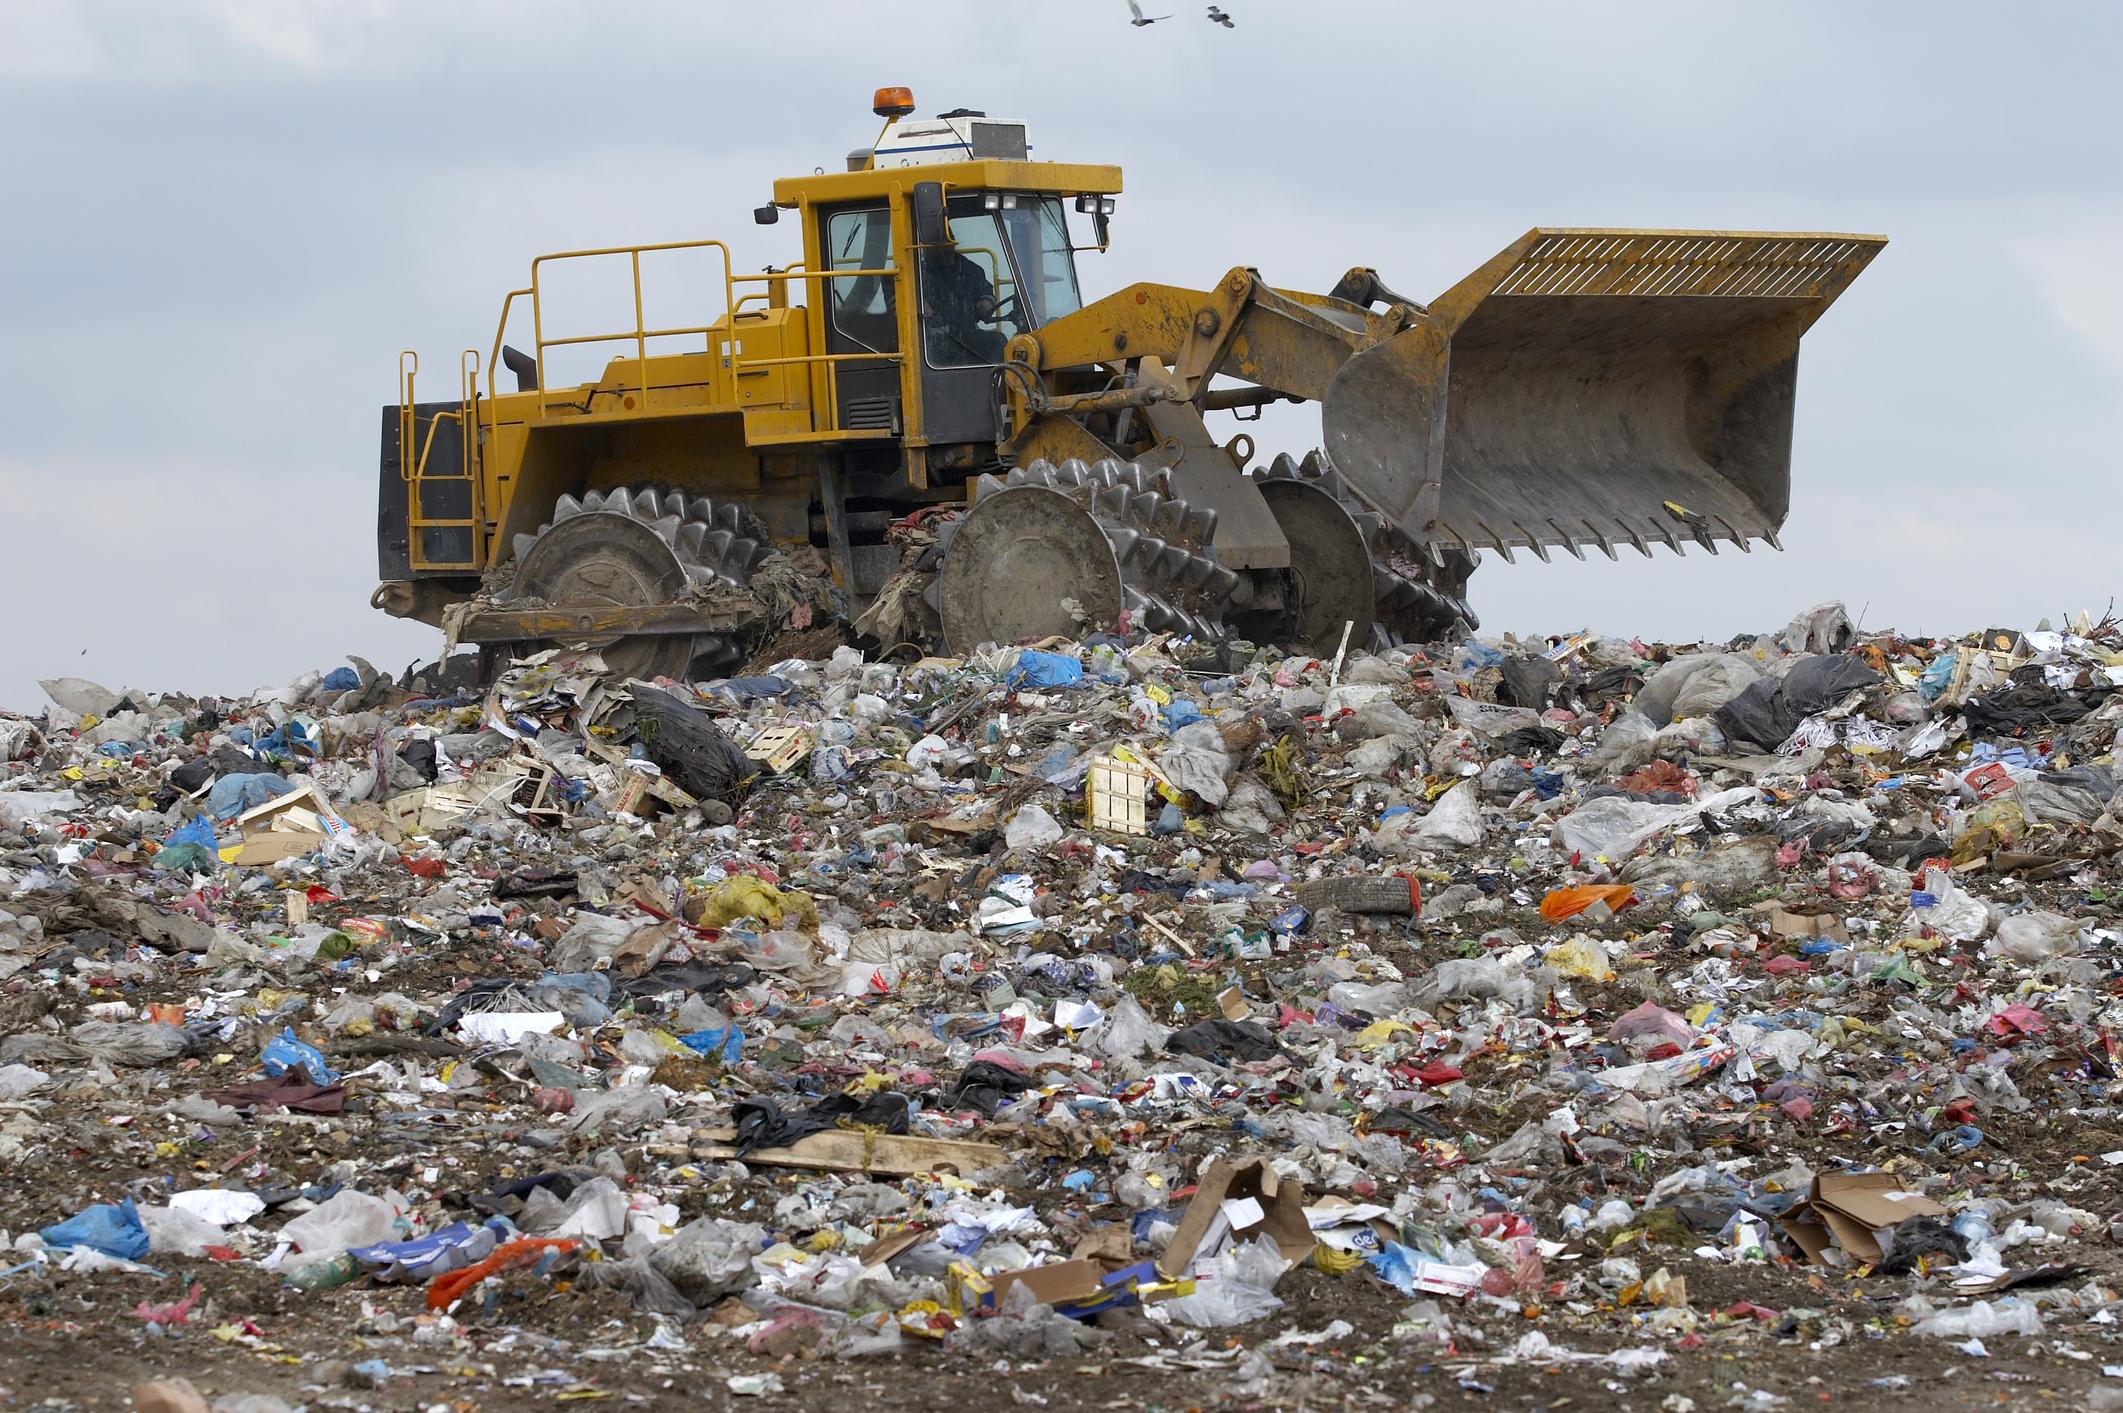 At the Landfill